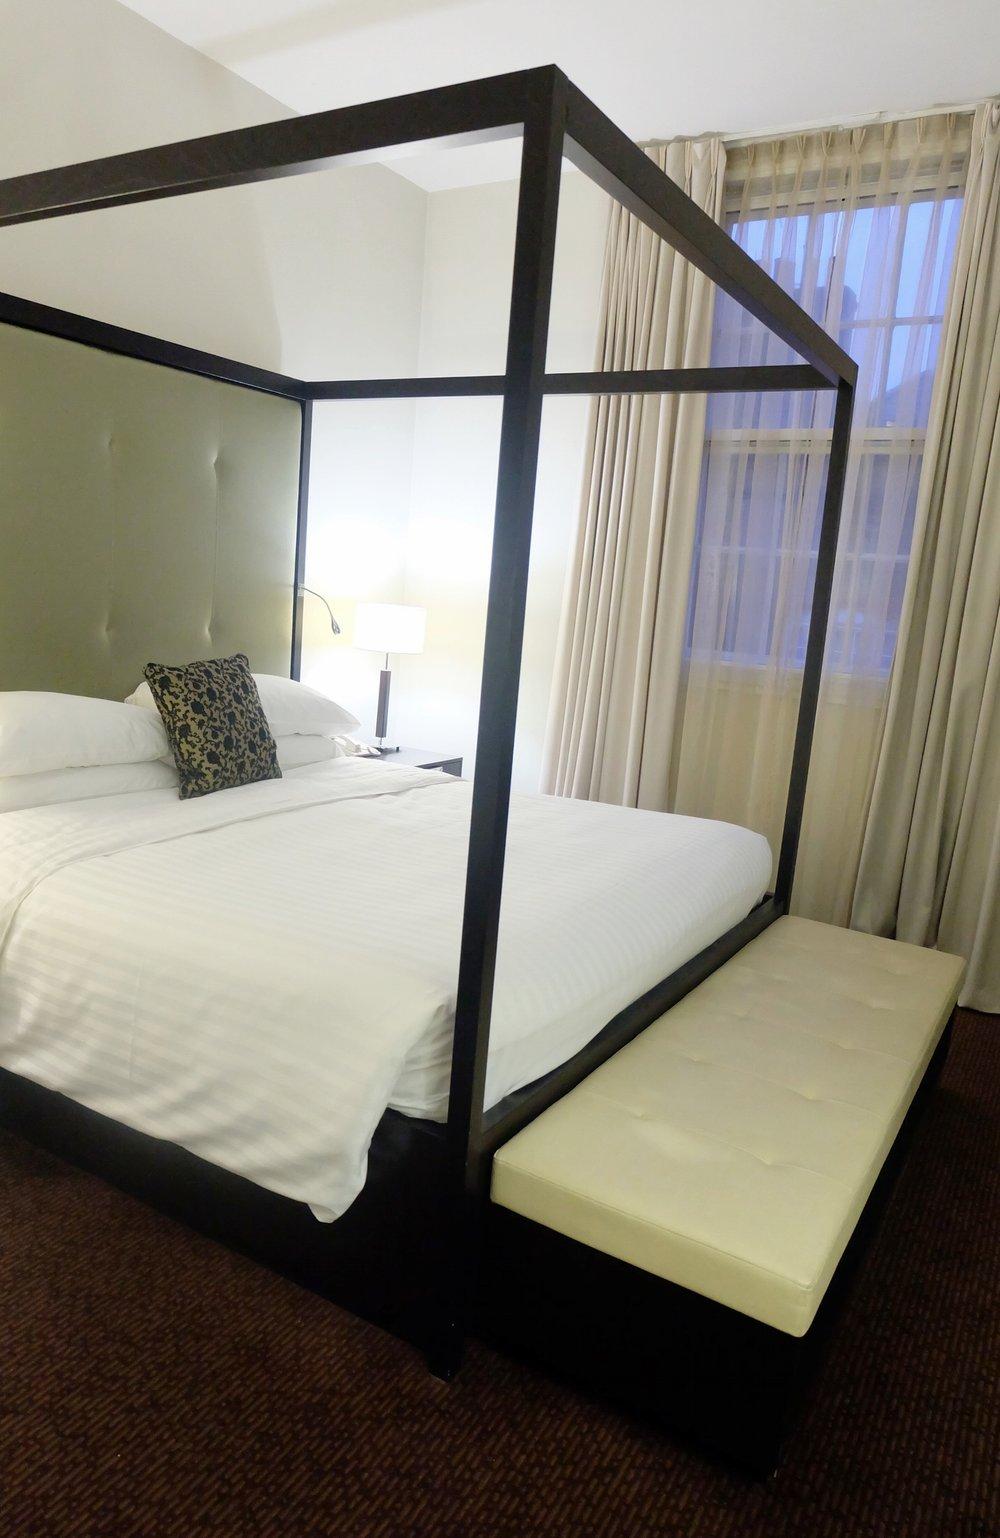 Suite at London Marriott Hotel Grosvenor Square